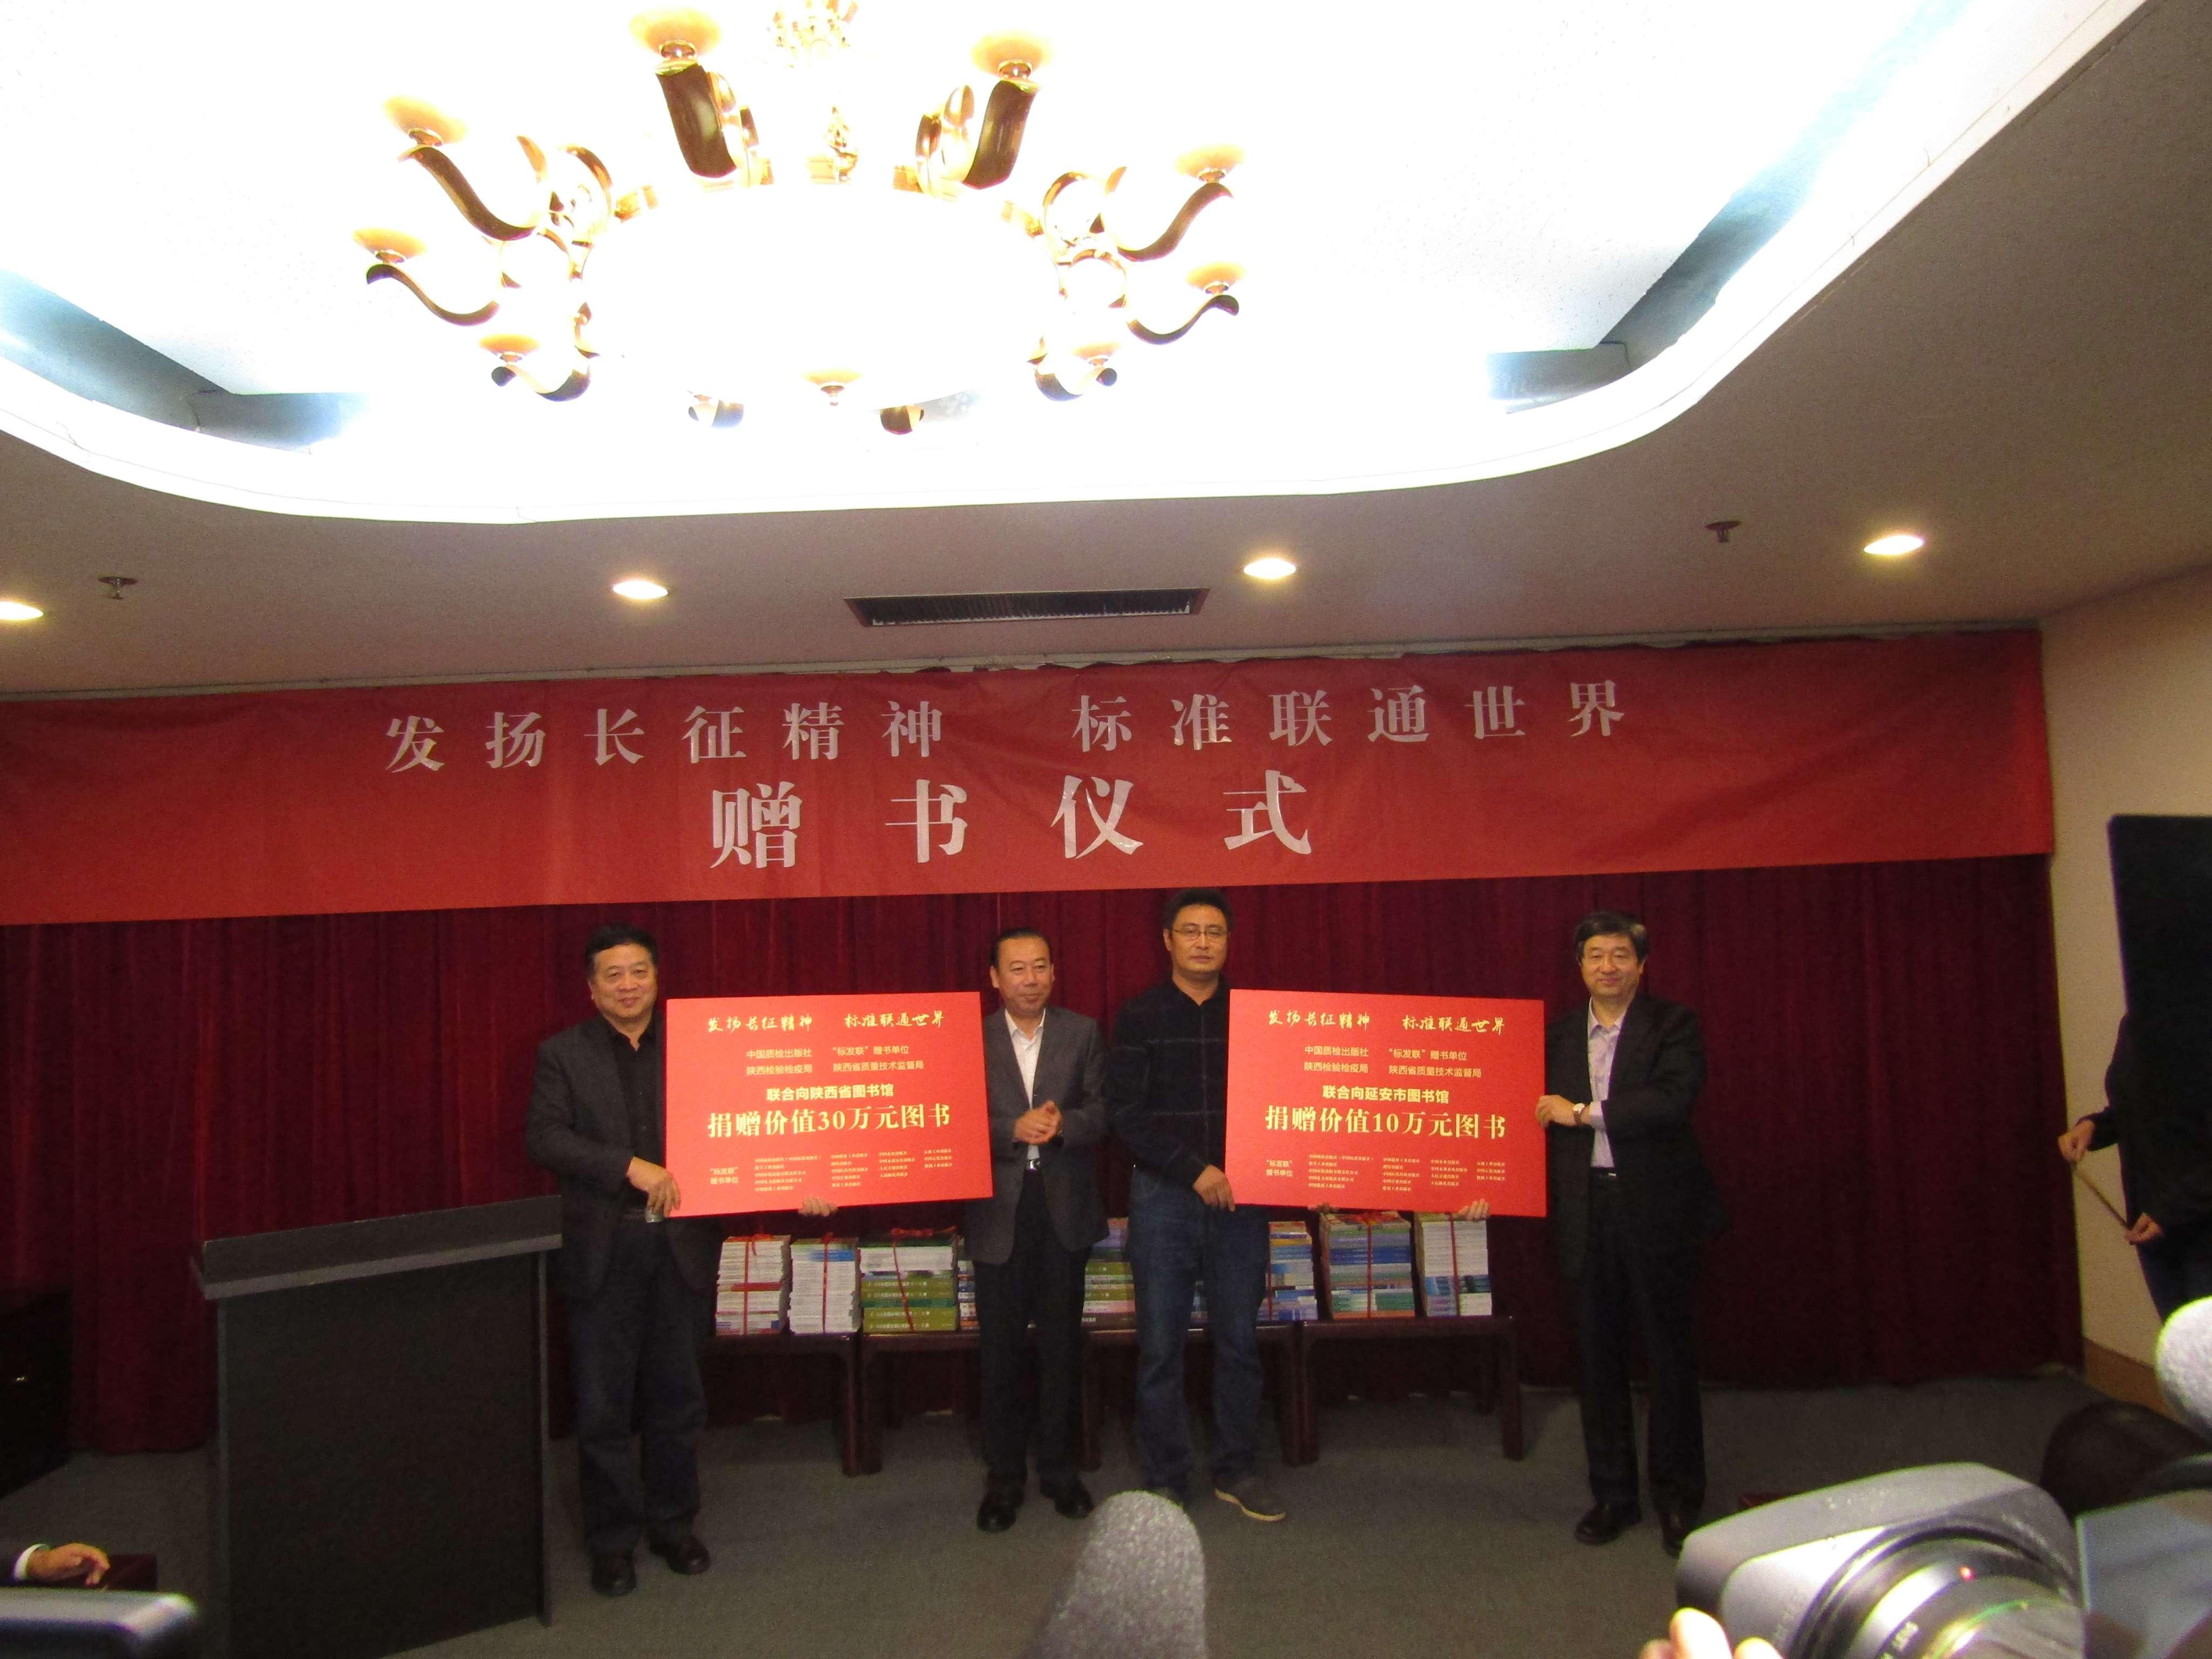 标准出版机构自律维权发展联盟和陕西质检两局 联合向陕西省图书馆和延安市图书馆赠书